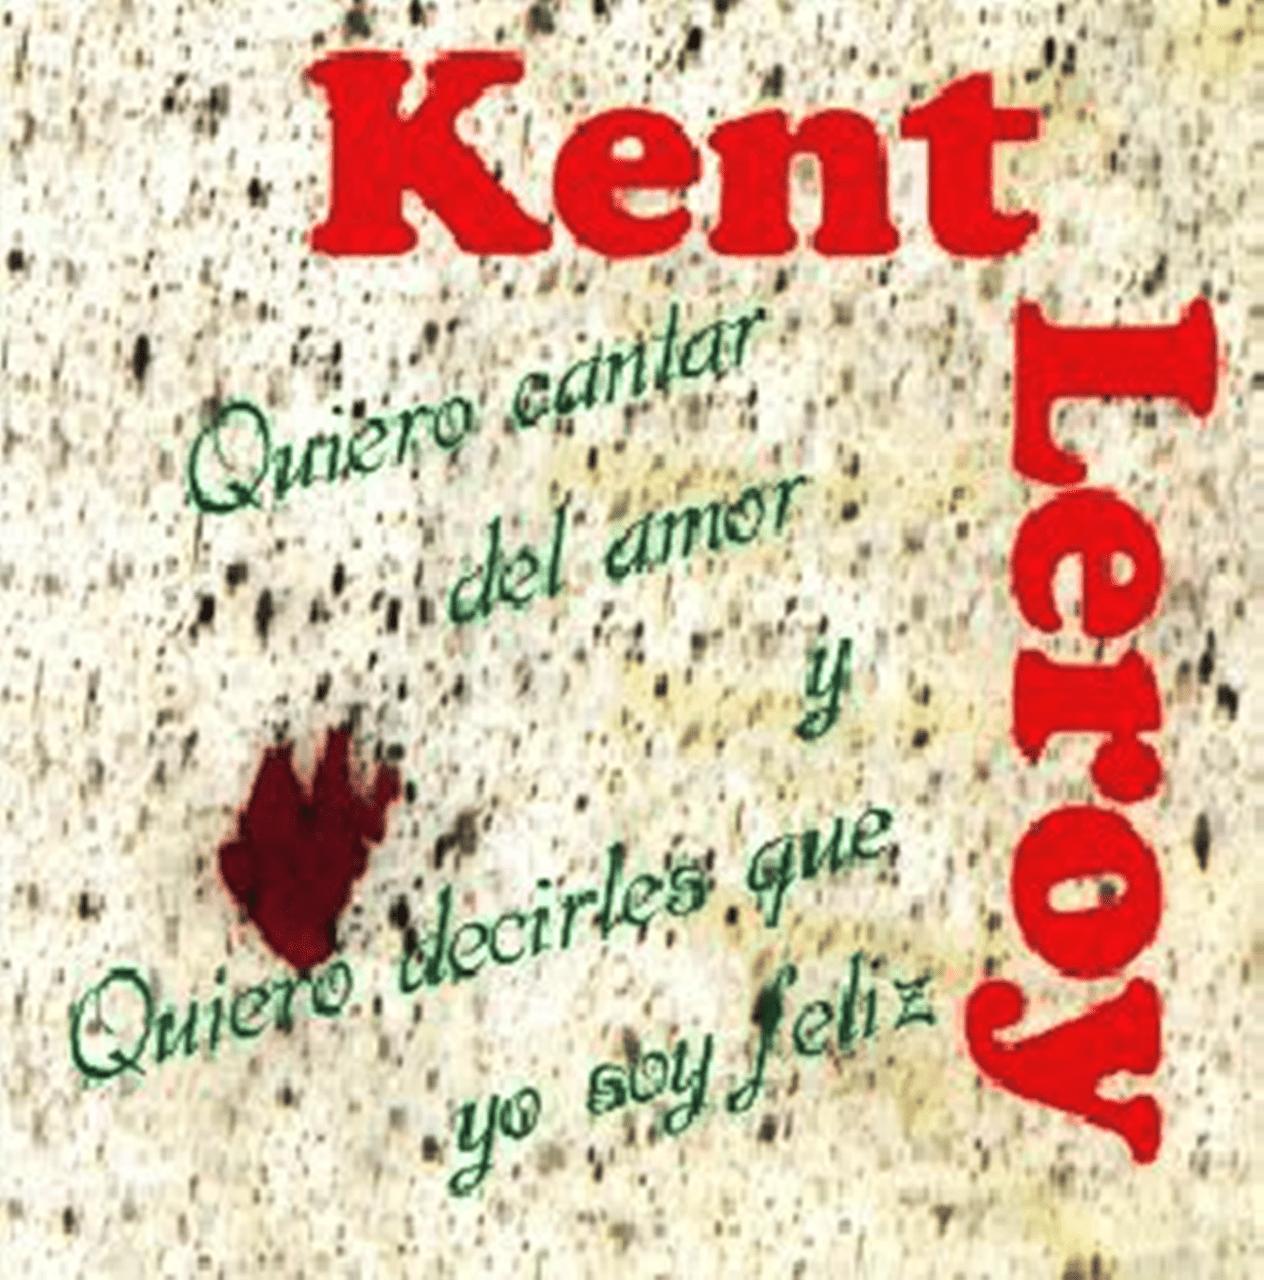 Kent Leroy Quiero cantar del amor